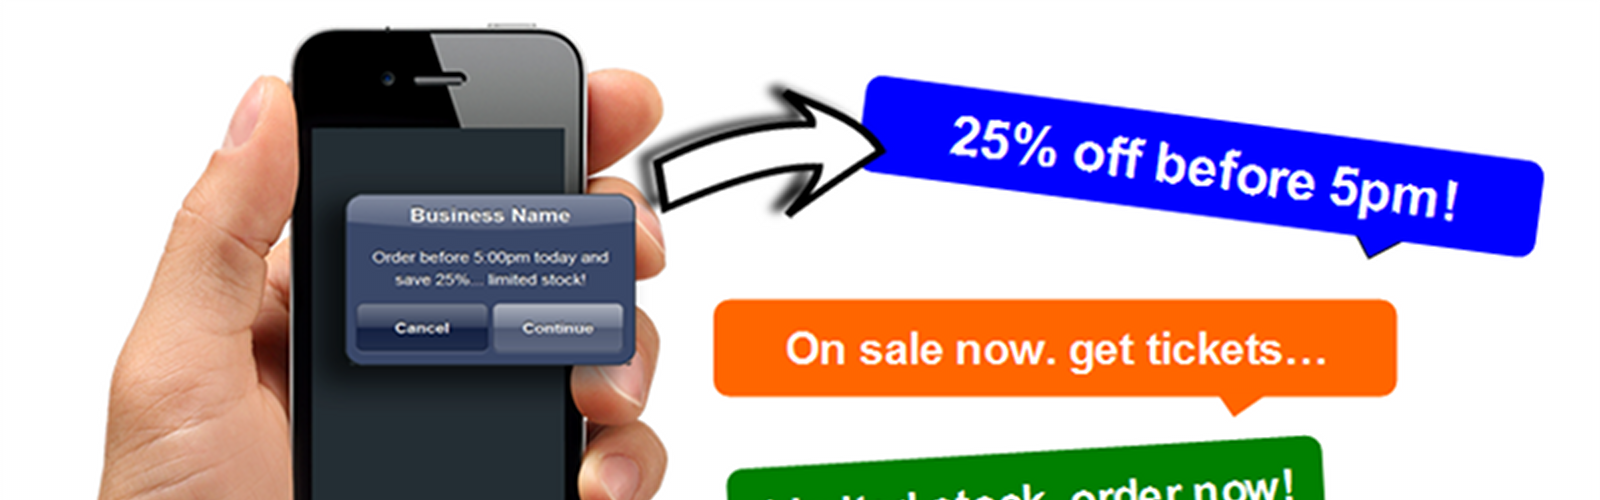 Fare mobile marketing con le notifiche push